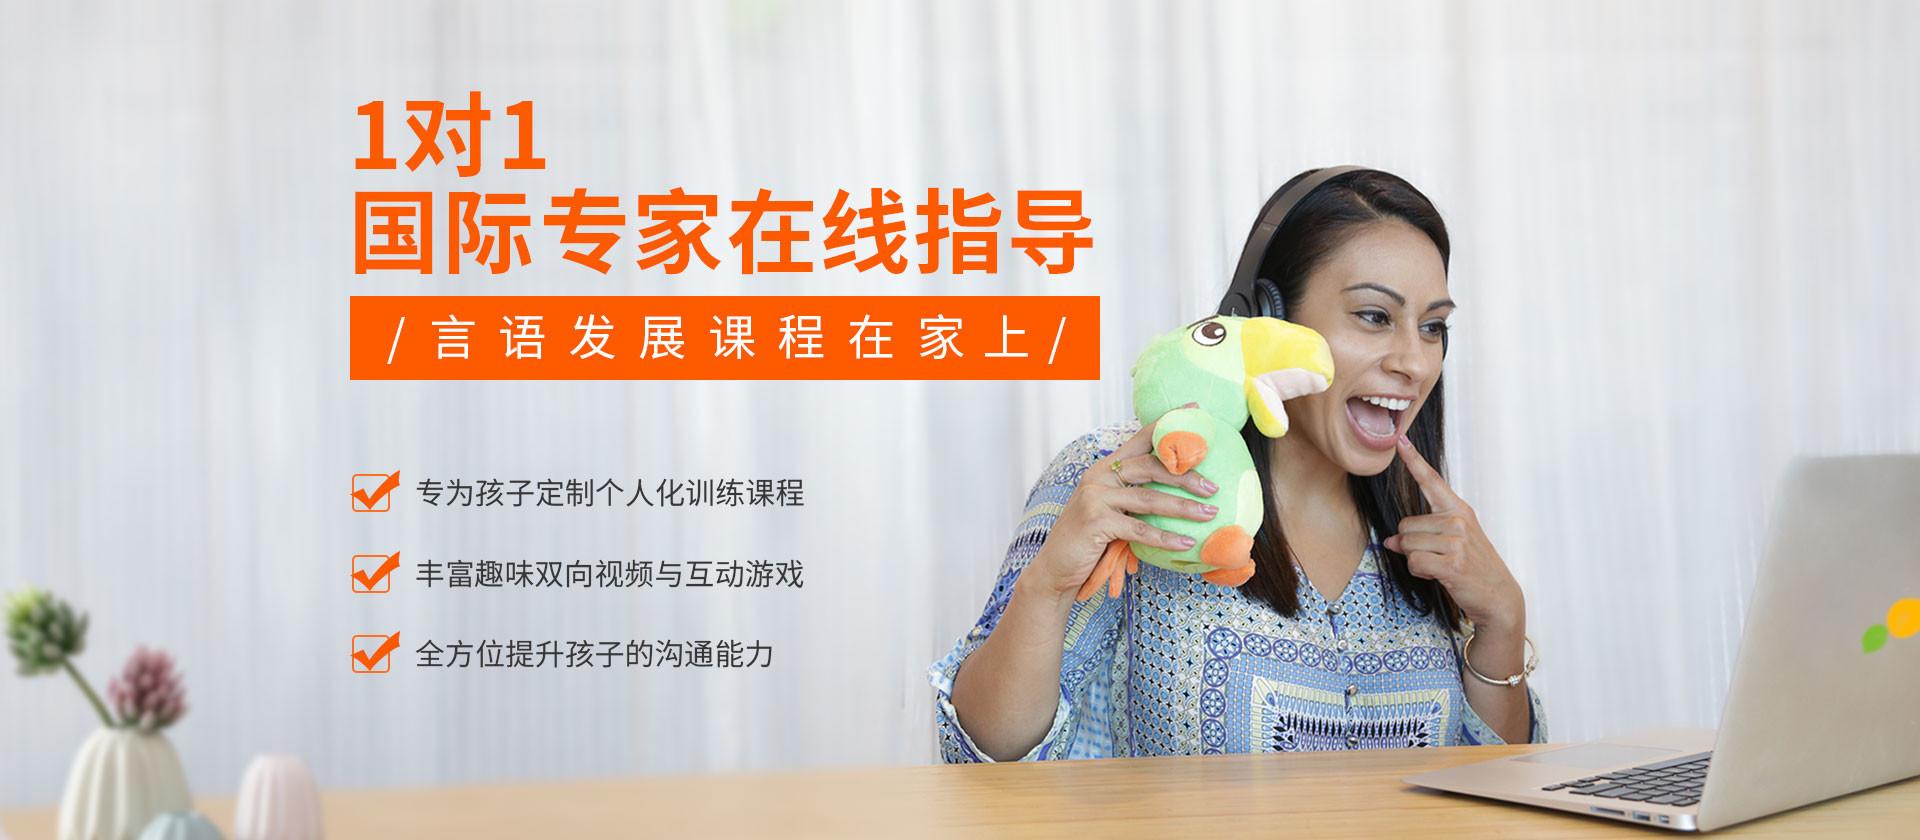 国际专业言语发育发展大咖倾情助阵,东方启音十一周年精彩抢先看